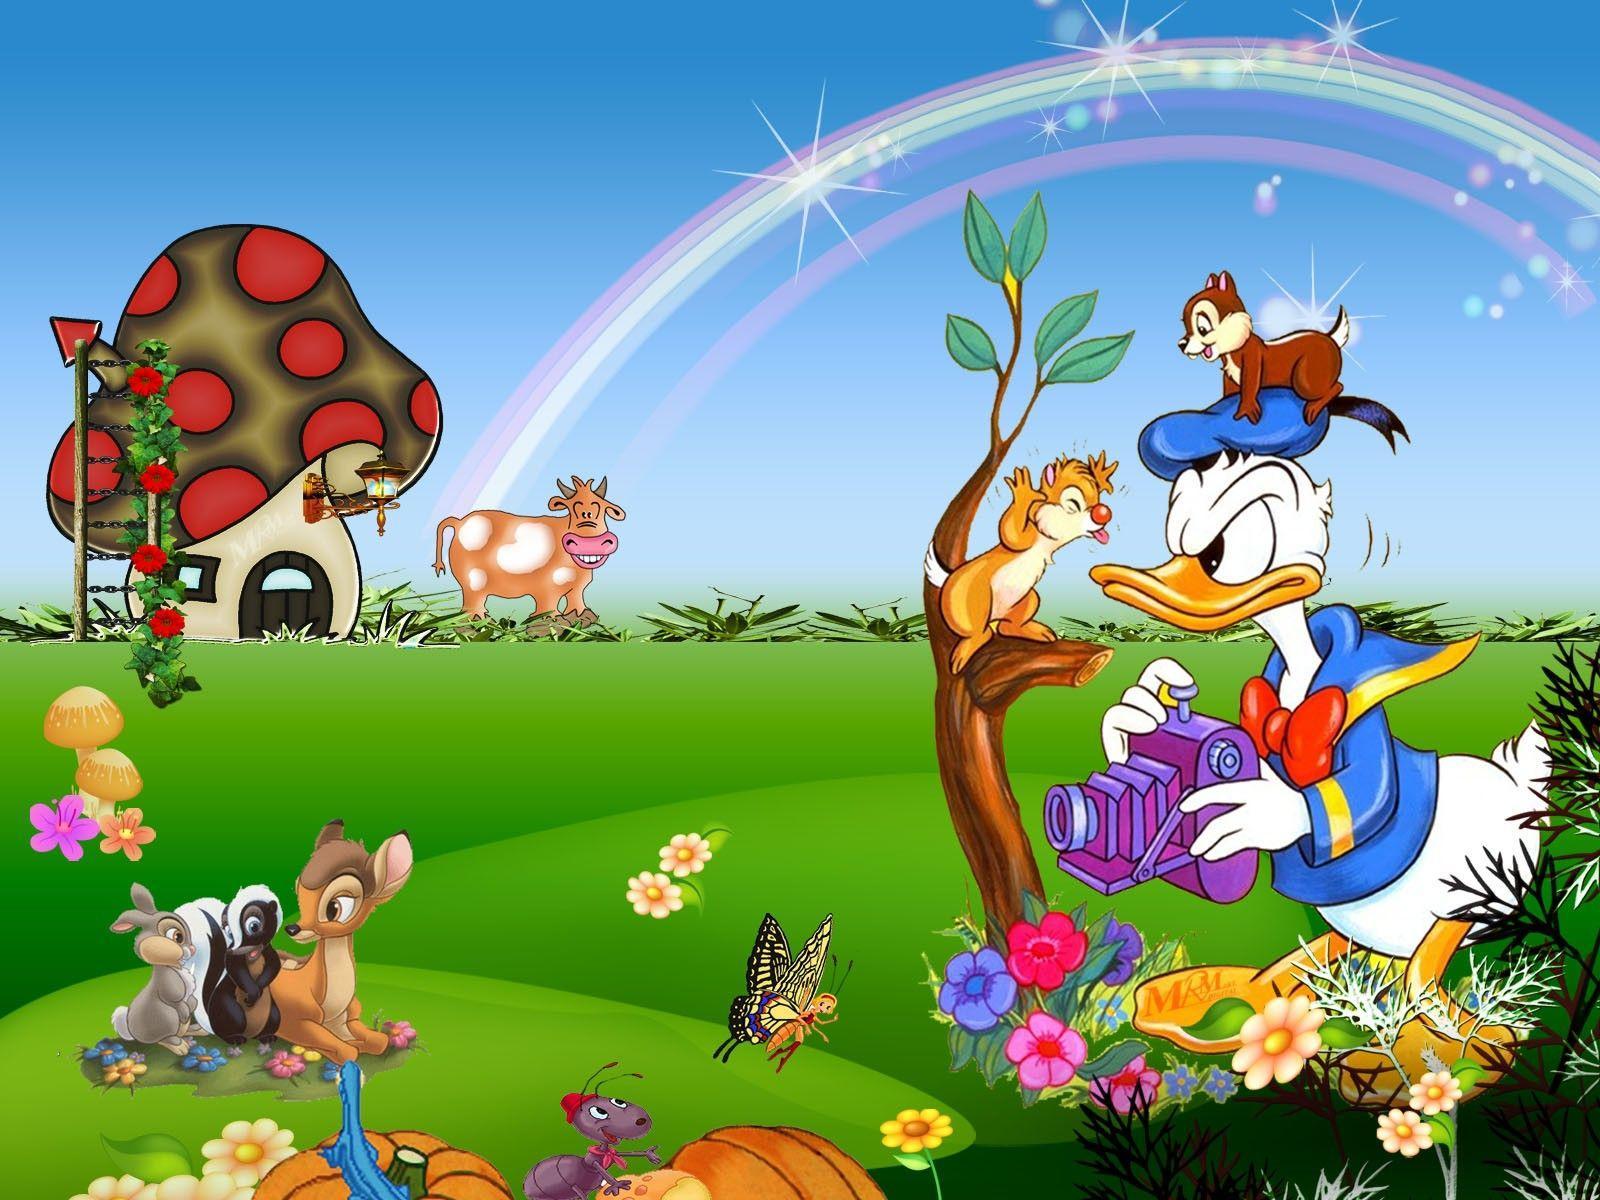 Animation Cartoon Full Movie cartoon scenery wallpapers - top free cartoon scenery